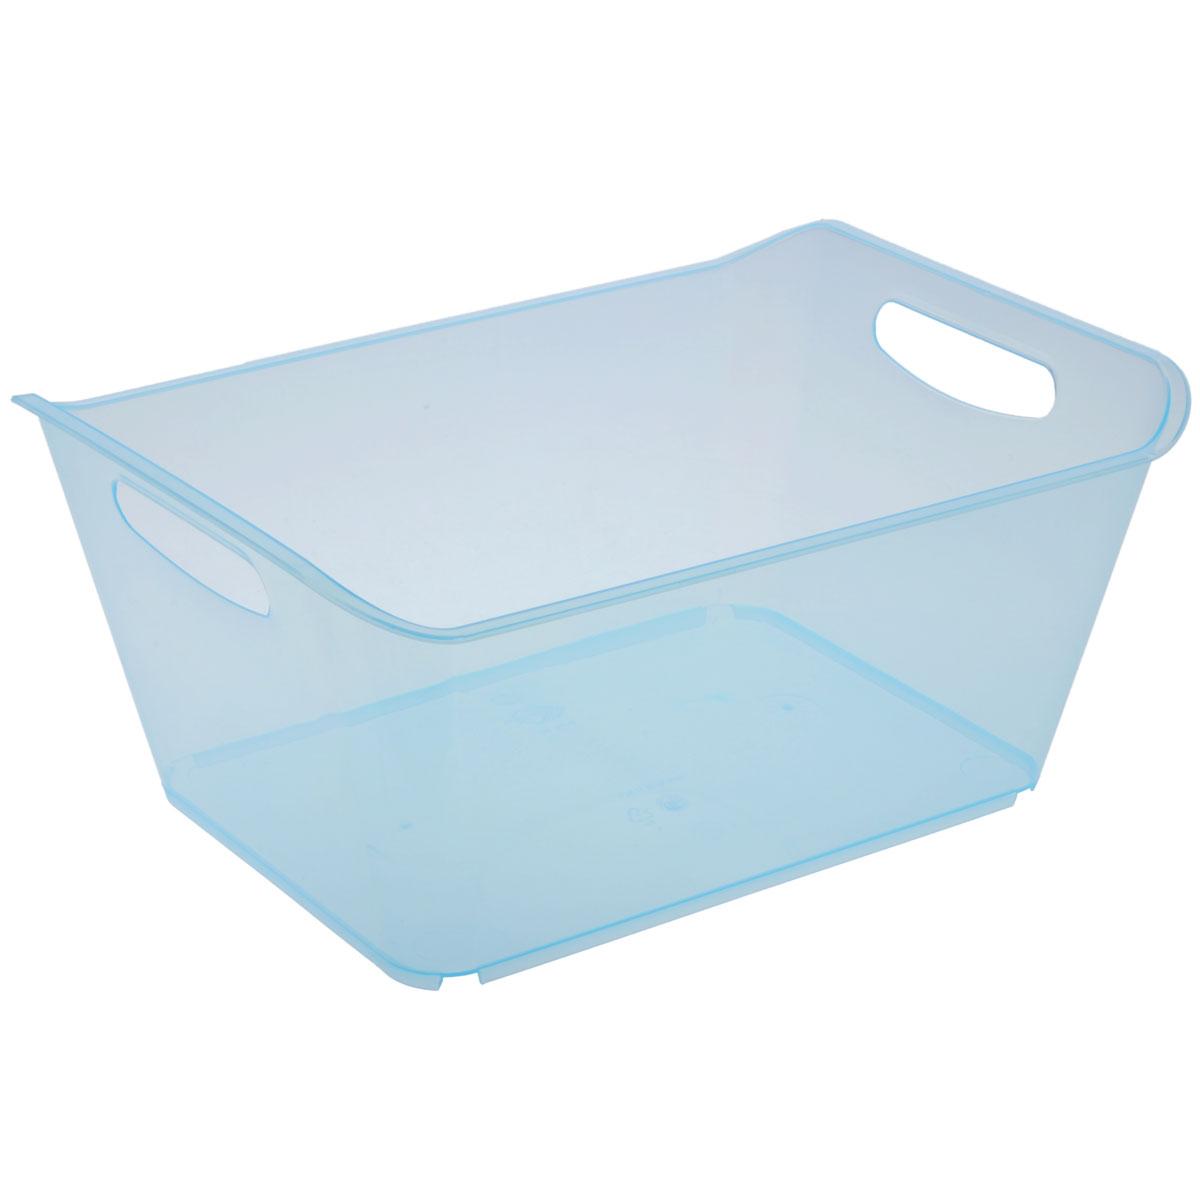 Контейнер Gensini, цвет: голубой, 18 л3333_голубойКонтейнер Gensini выполнен из прочного пластика. Он предназначен для хранения различных мелких вещей в ванной, на кухне, даче или гараже, исключая возможность их потери. По бокам контейнера предусмотрены две удобные ручки для его переноски.Контейнер поможет хранить все в одном месте, а также защитить вещи от пыли, грязи и влаги. Объем: 18 л.